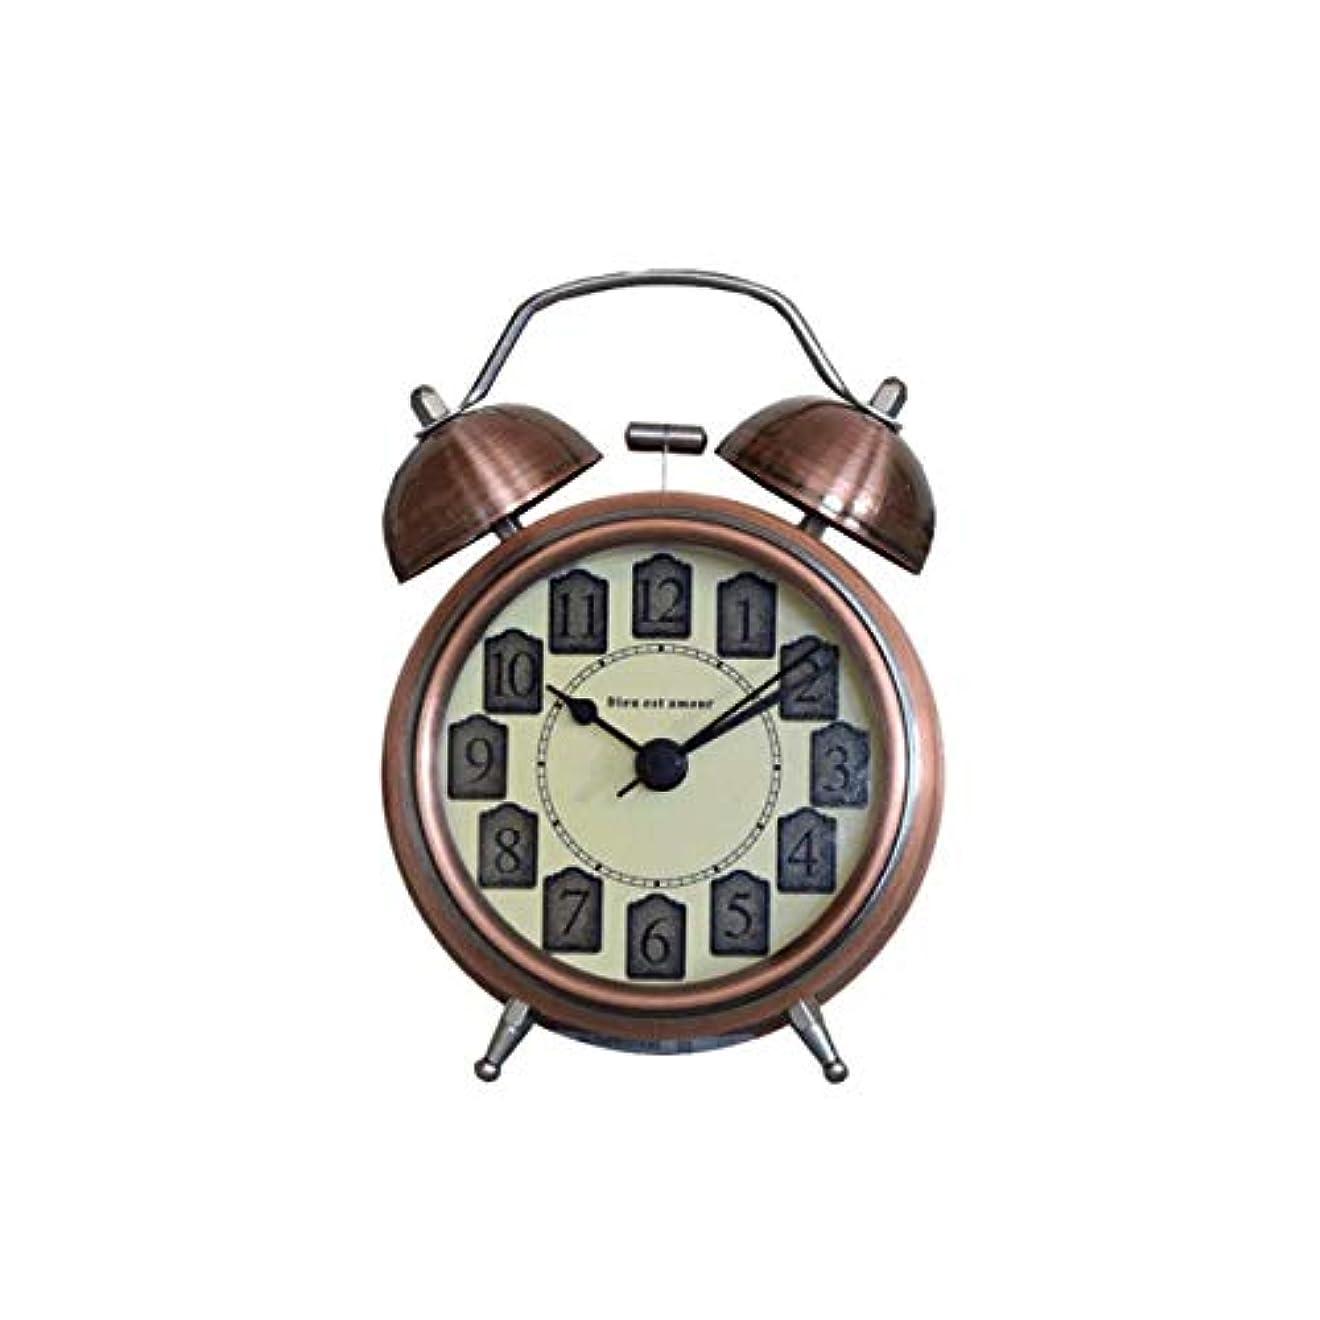 複雑恋人成果Kaiyitong001 目覚まし時計、メタルベル小型目覚まし時計、学生ミュートパーソナリティアラームテーブル、寝室のベッドサイドクロック(11.5CM×16.5CM×6CM) (Color : 3)